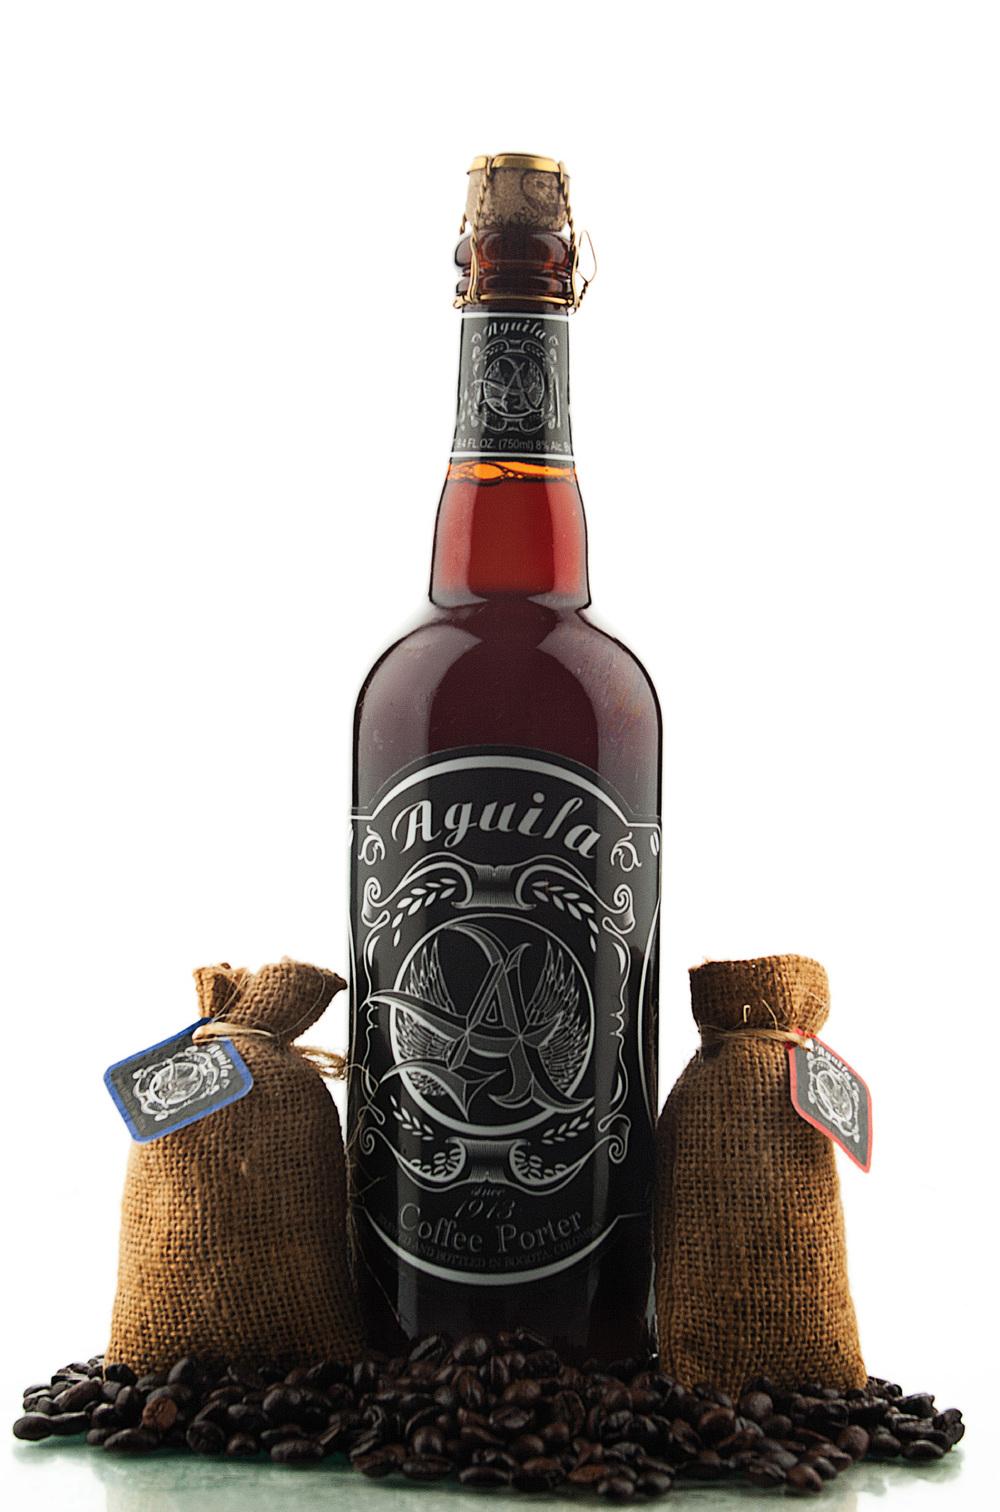 Aguila_bottle copy.jpg